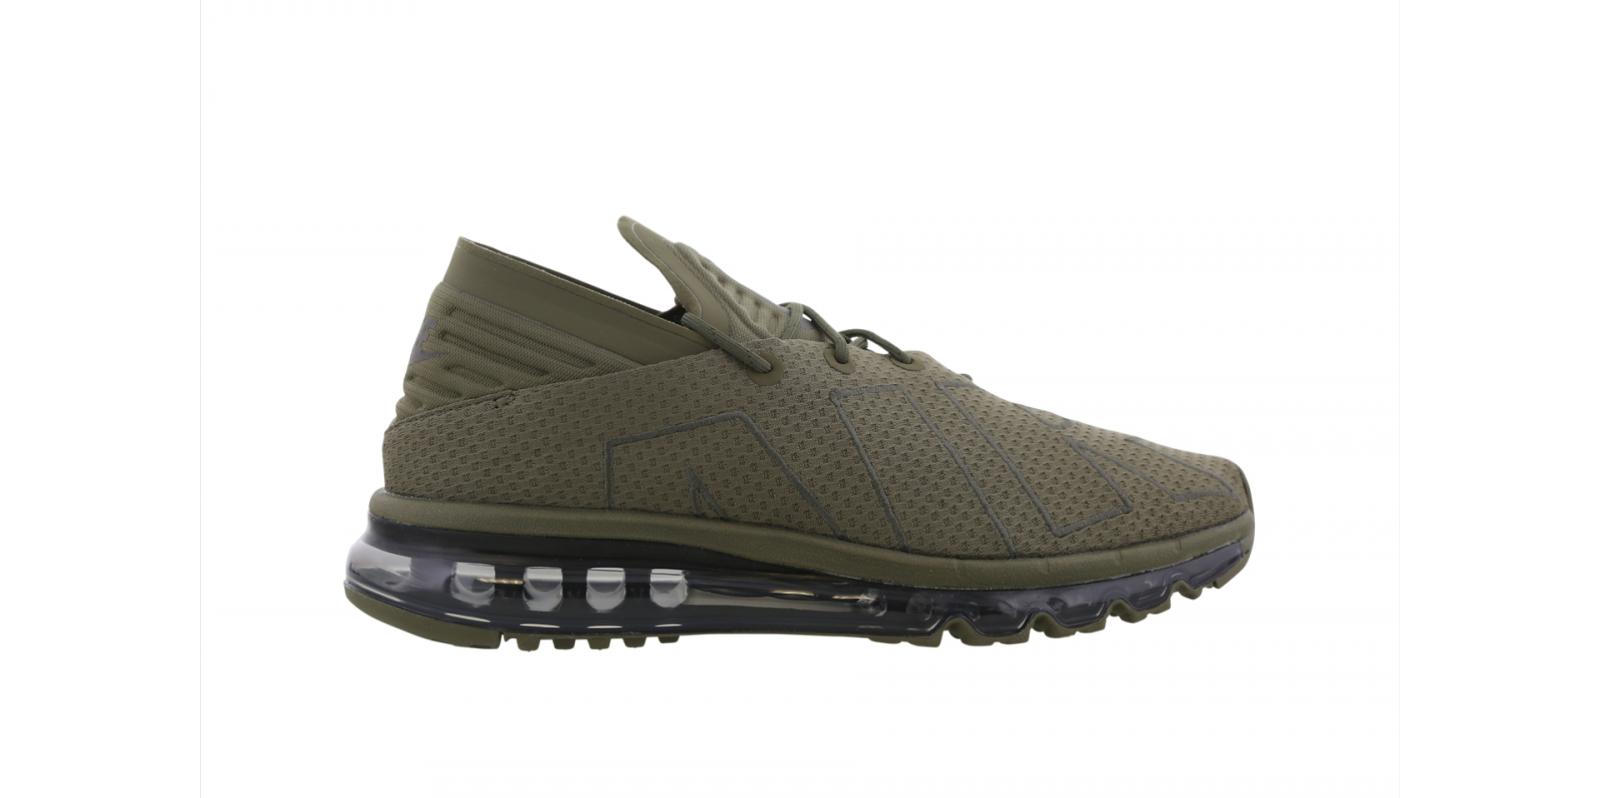 Hombre nike air max FLAIR mediano verde oliva zapatos zapatillas 942236 200 nuevos zapatos oliva para hombres y mujeres, el limitado tiempo de descuento 6ea703